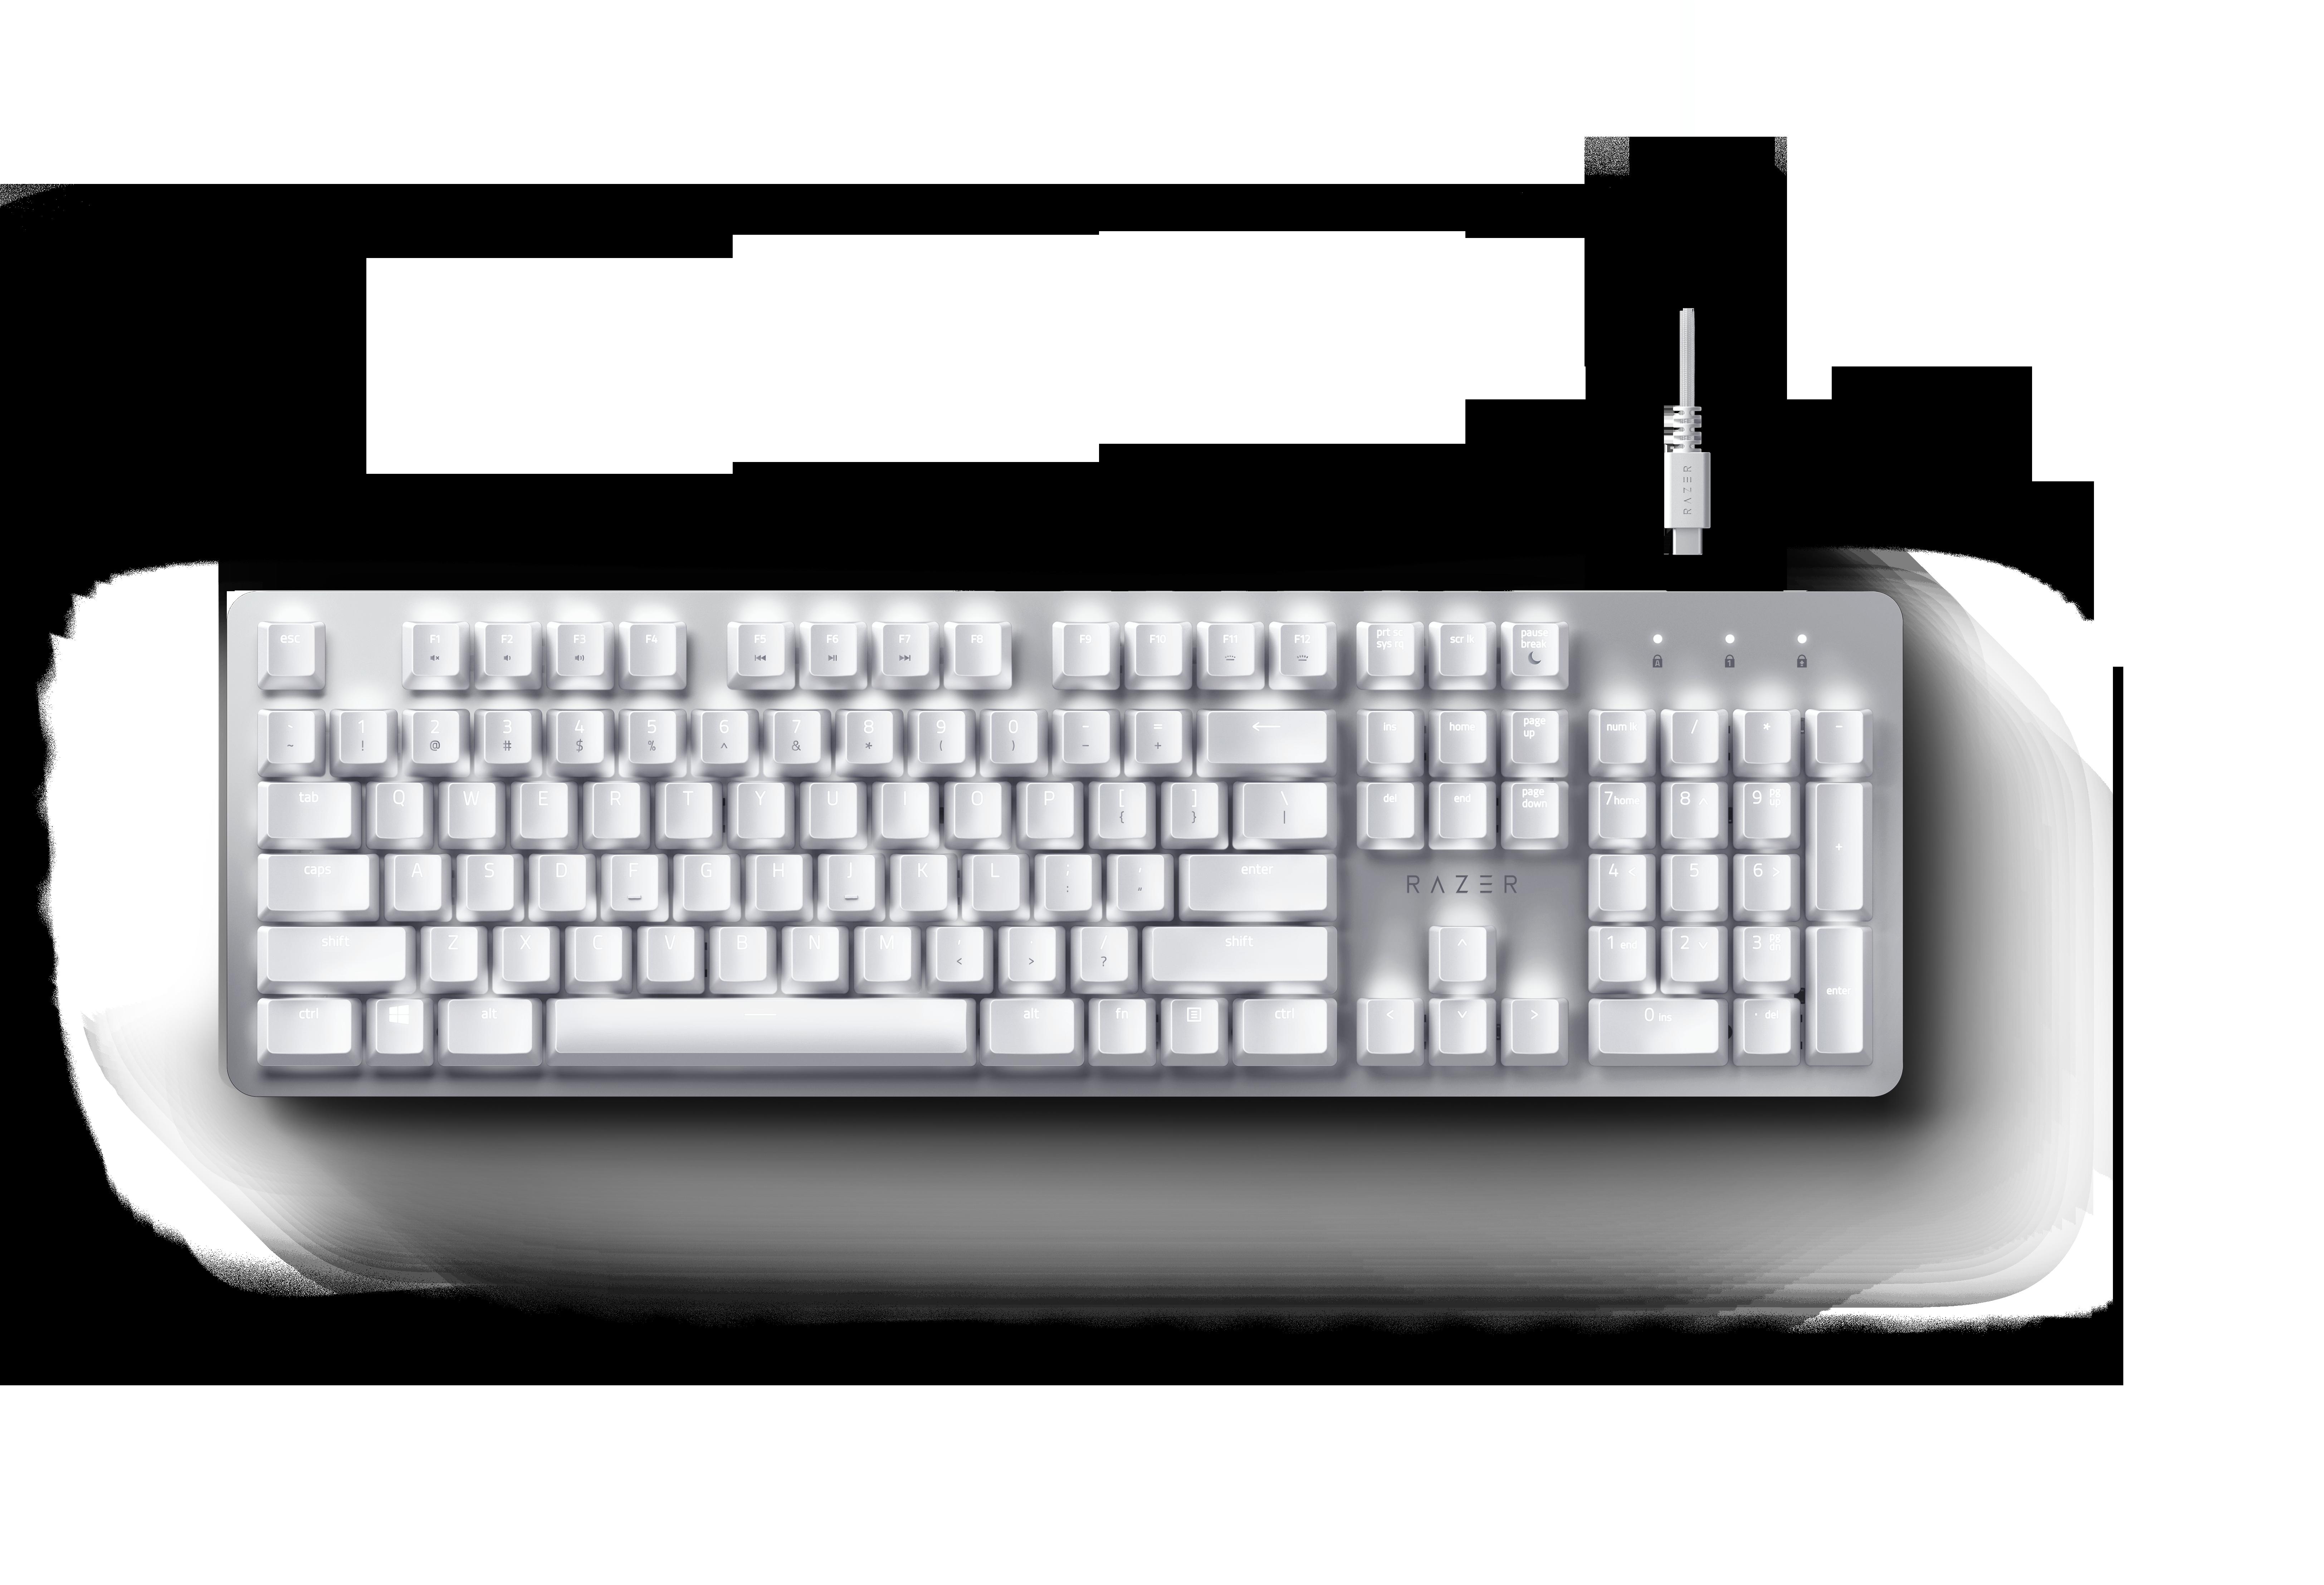 Razer представила новую линейку эргономичных решений Productivity Suite